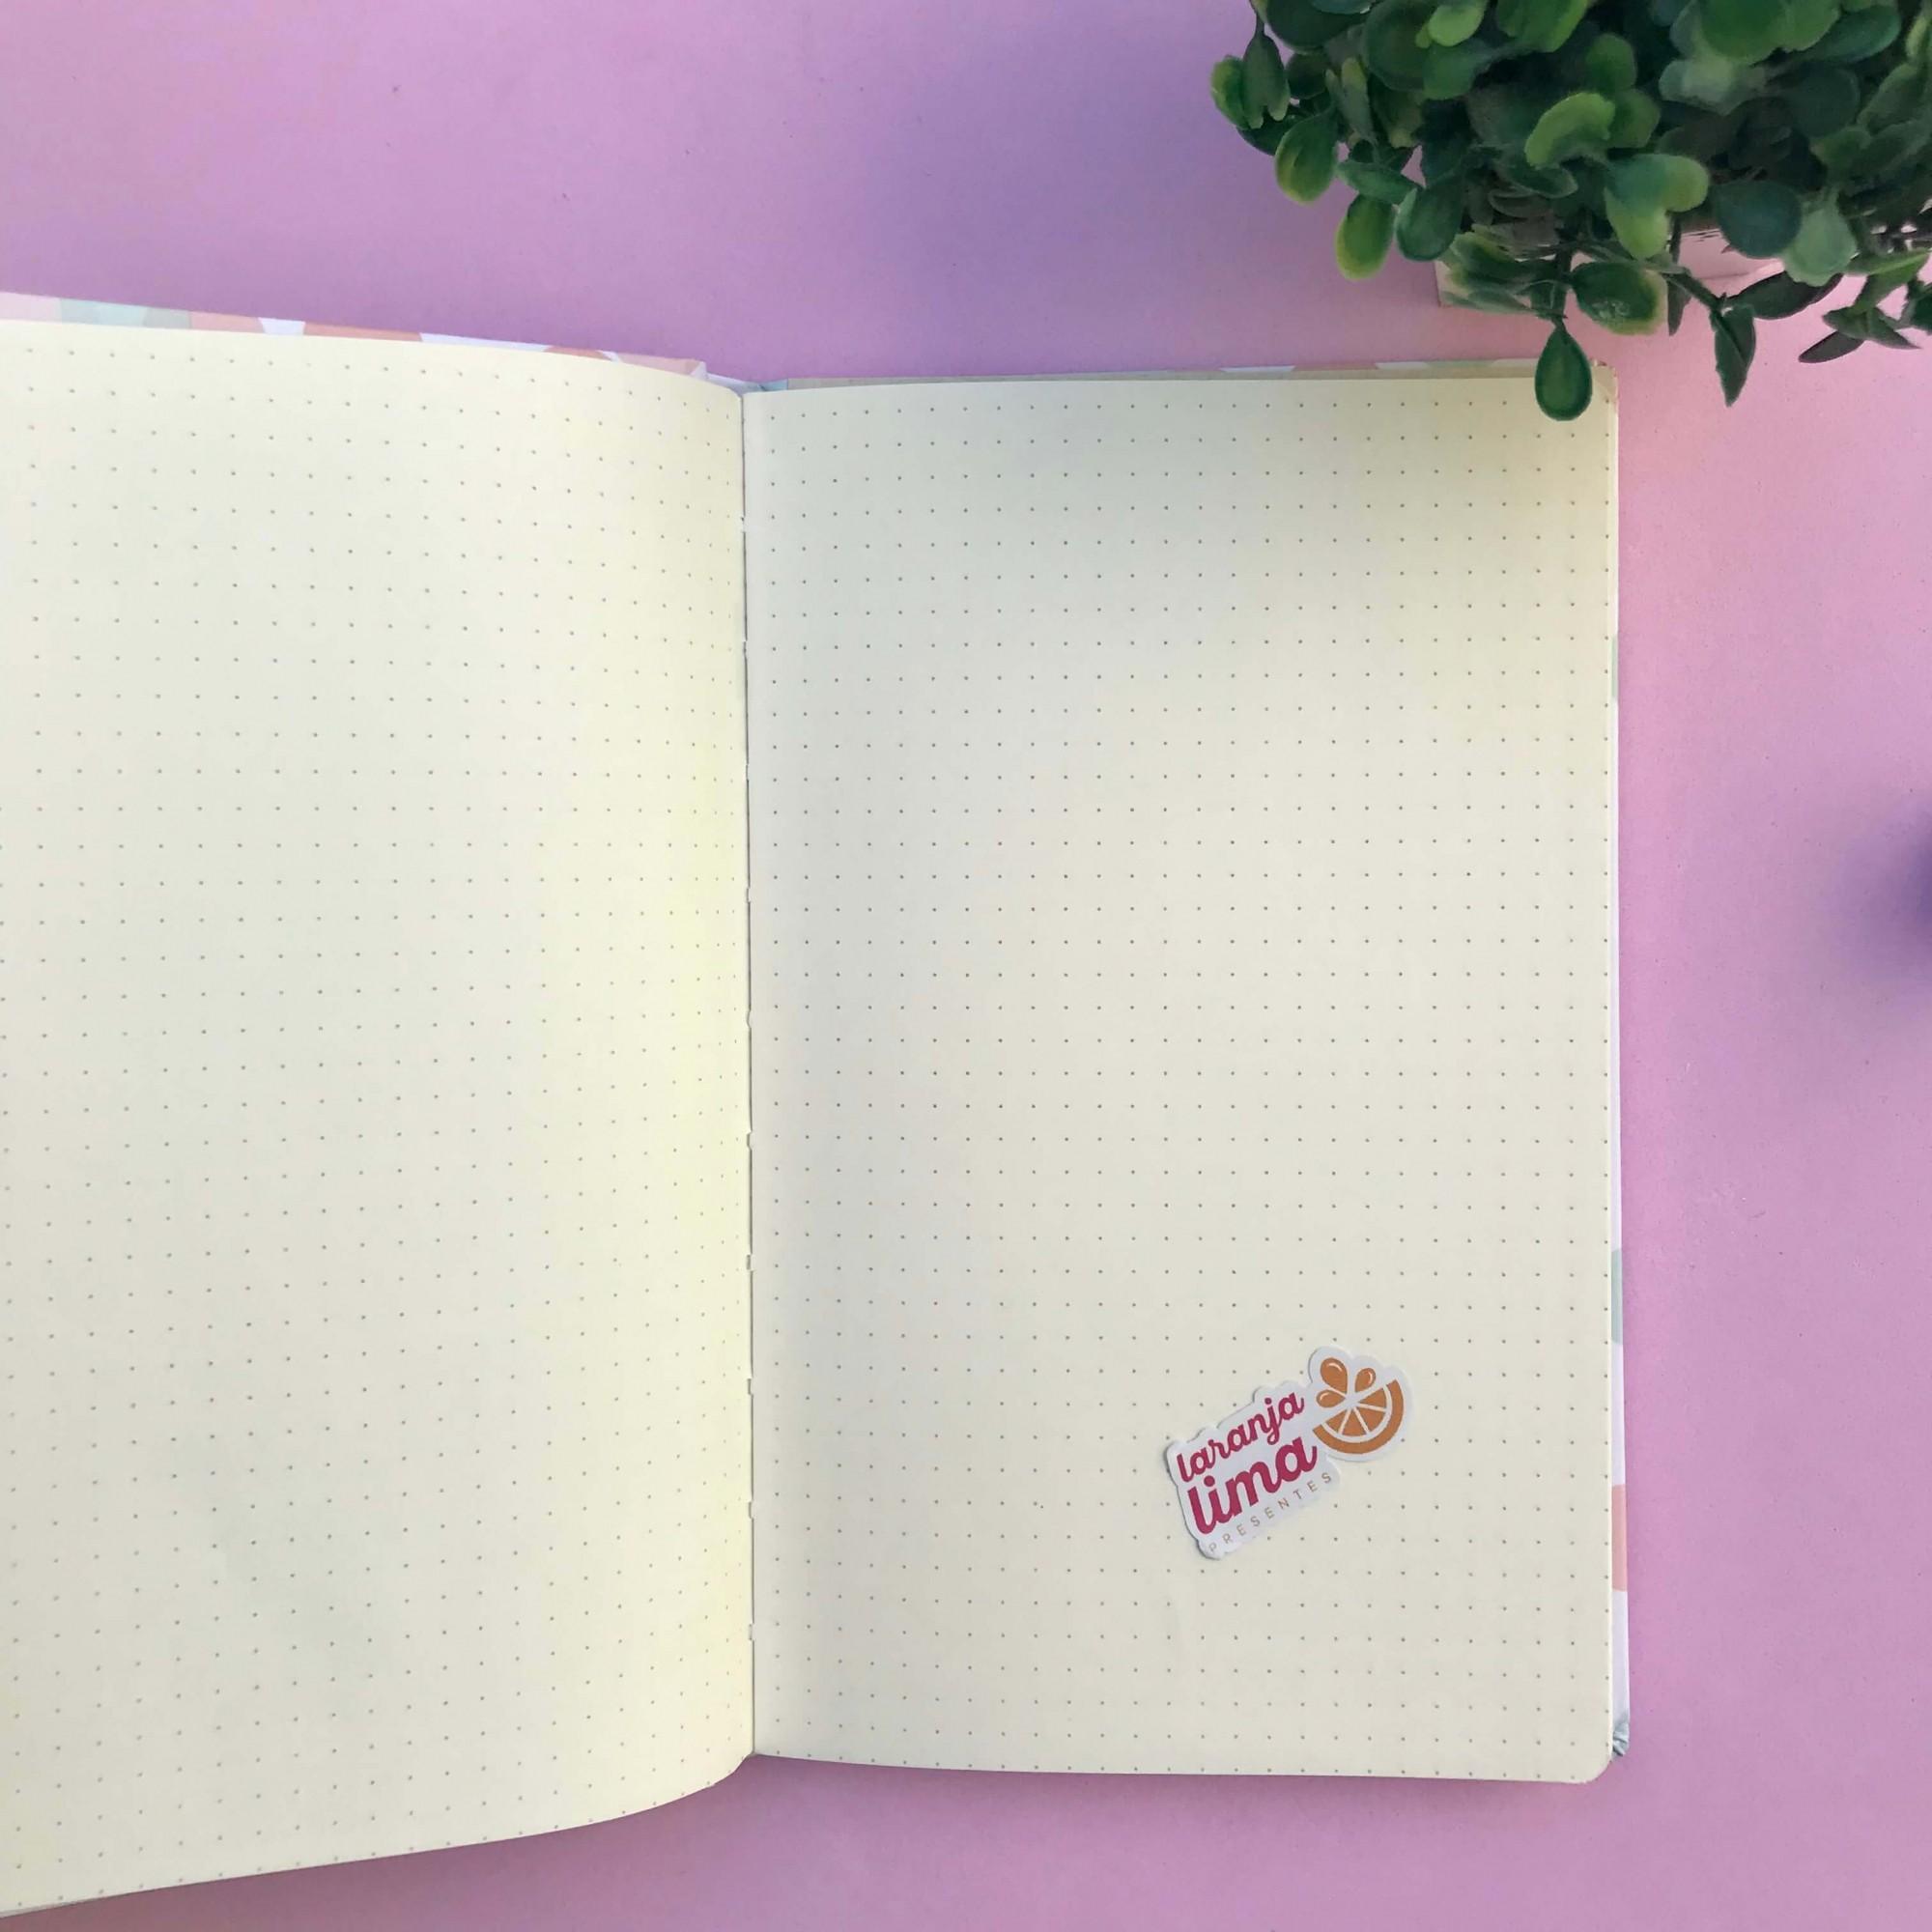 Caderno Pontilhado Costurado Capa Dura Soho